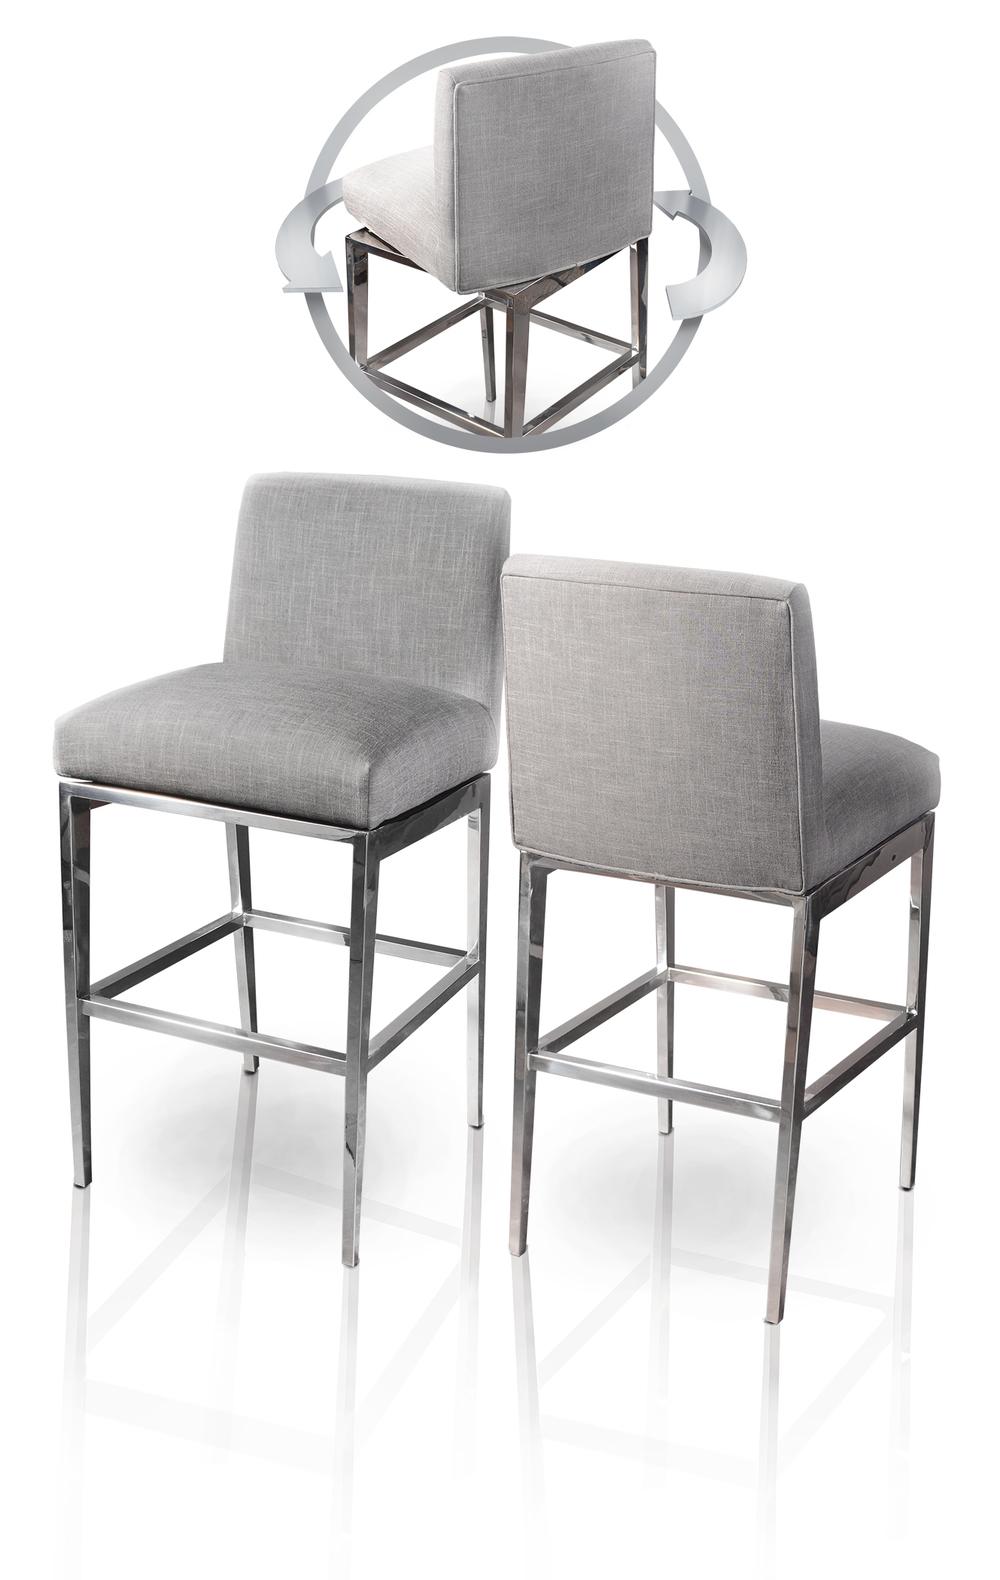 Chair_629-06-M9788-Fog_PIC-1.jpg